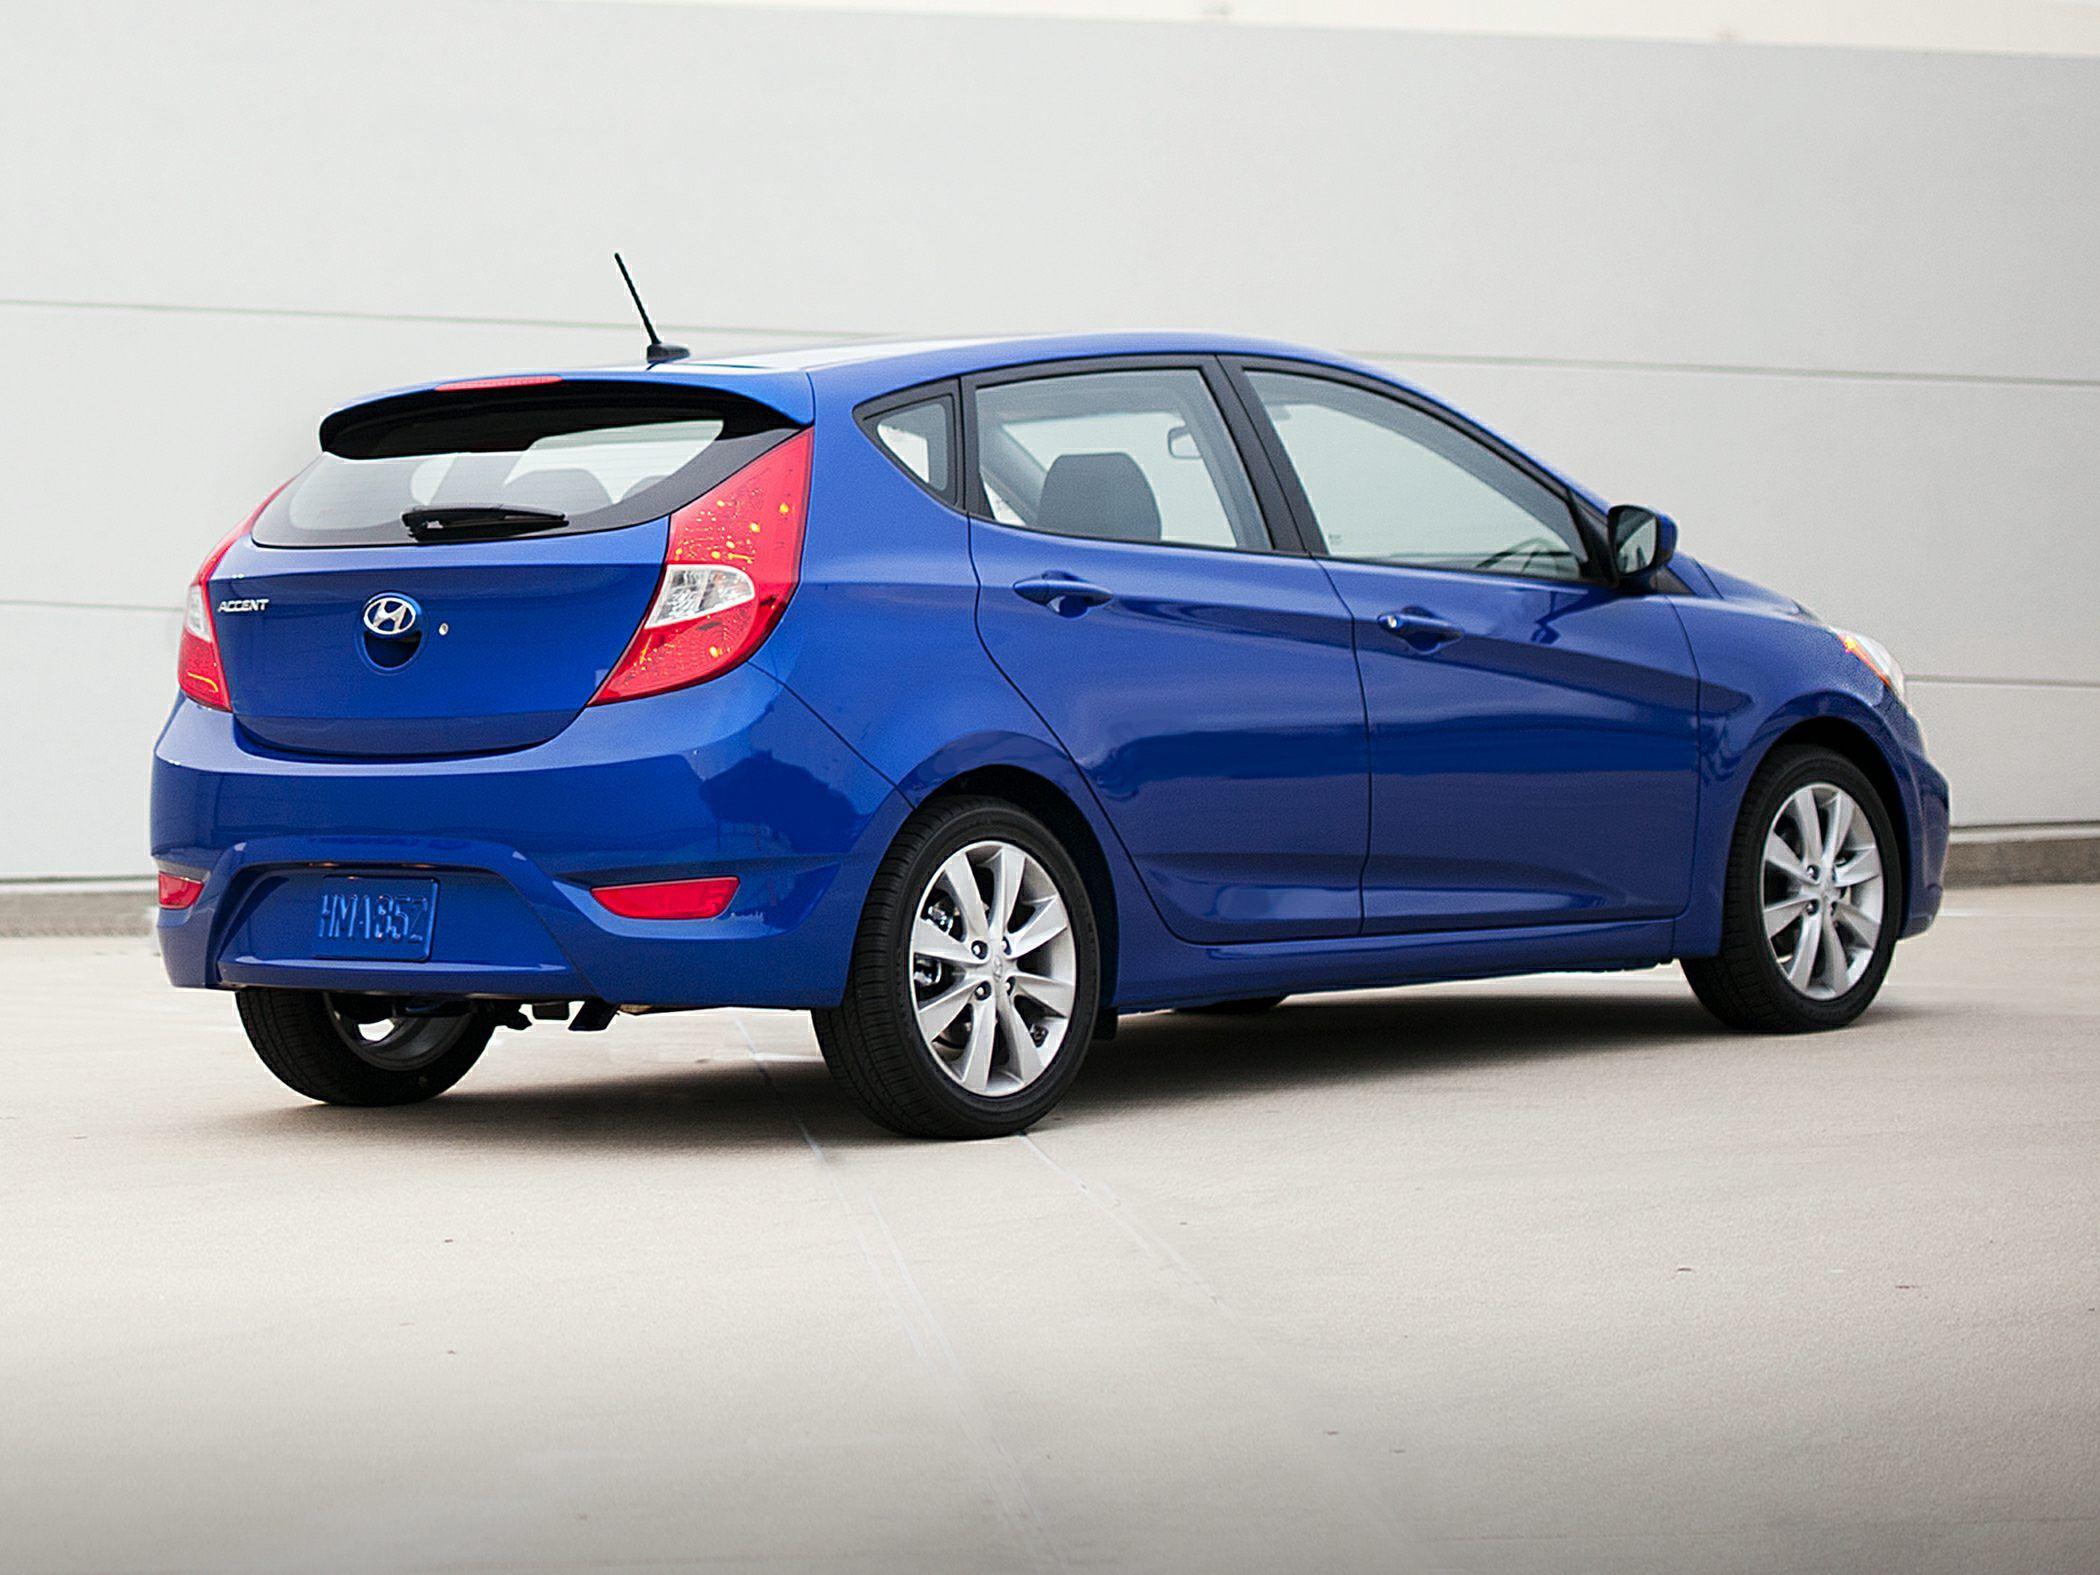 Hyundai Accent Hatchback >> Hyundai Accent 2014 Hatchback Blue Hatchback Car Pinterest